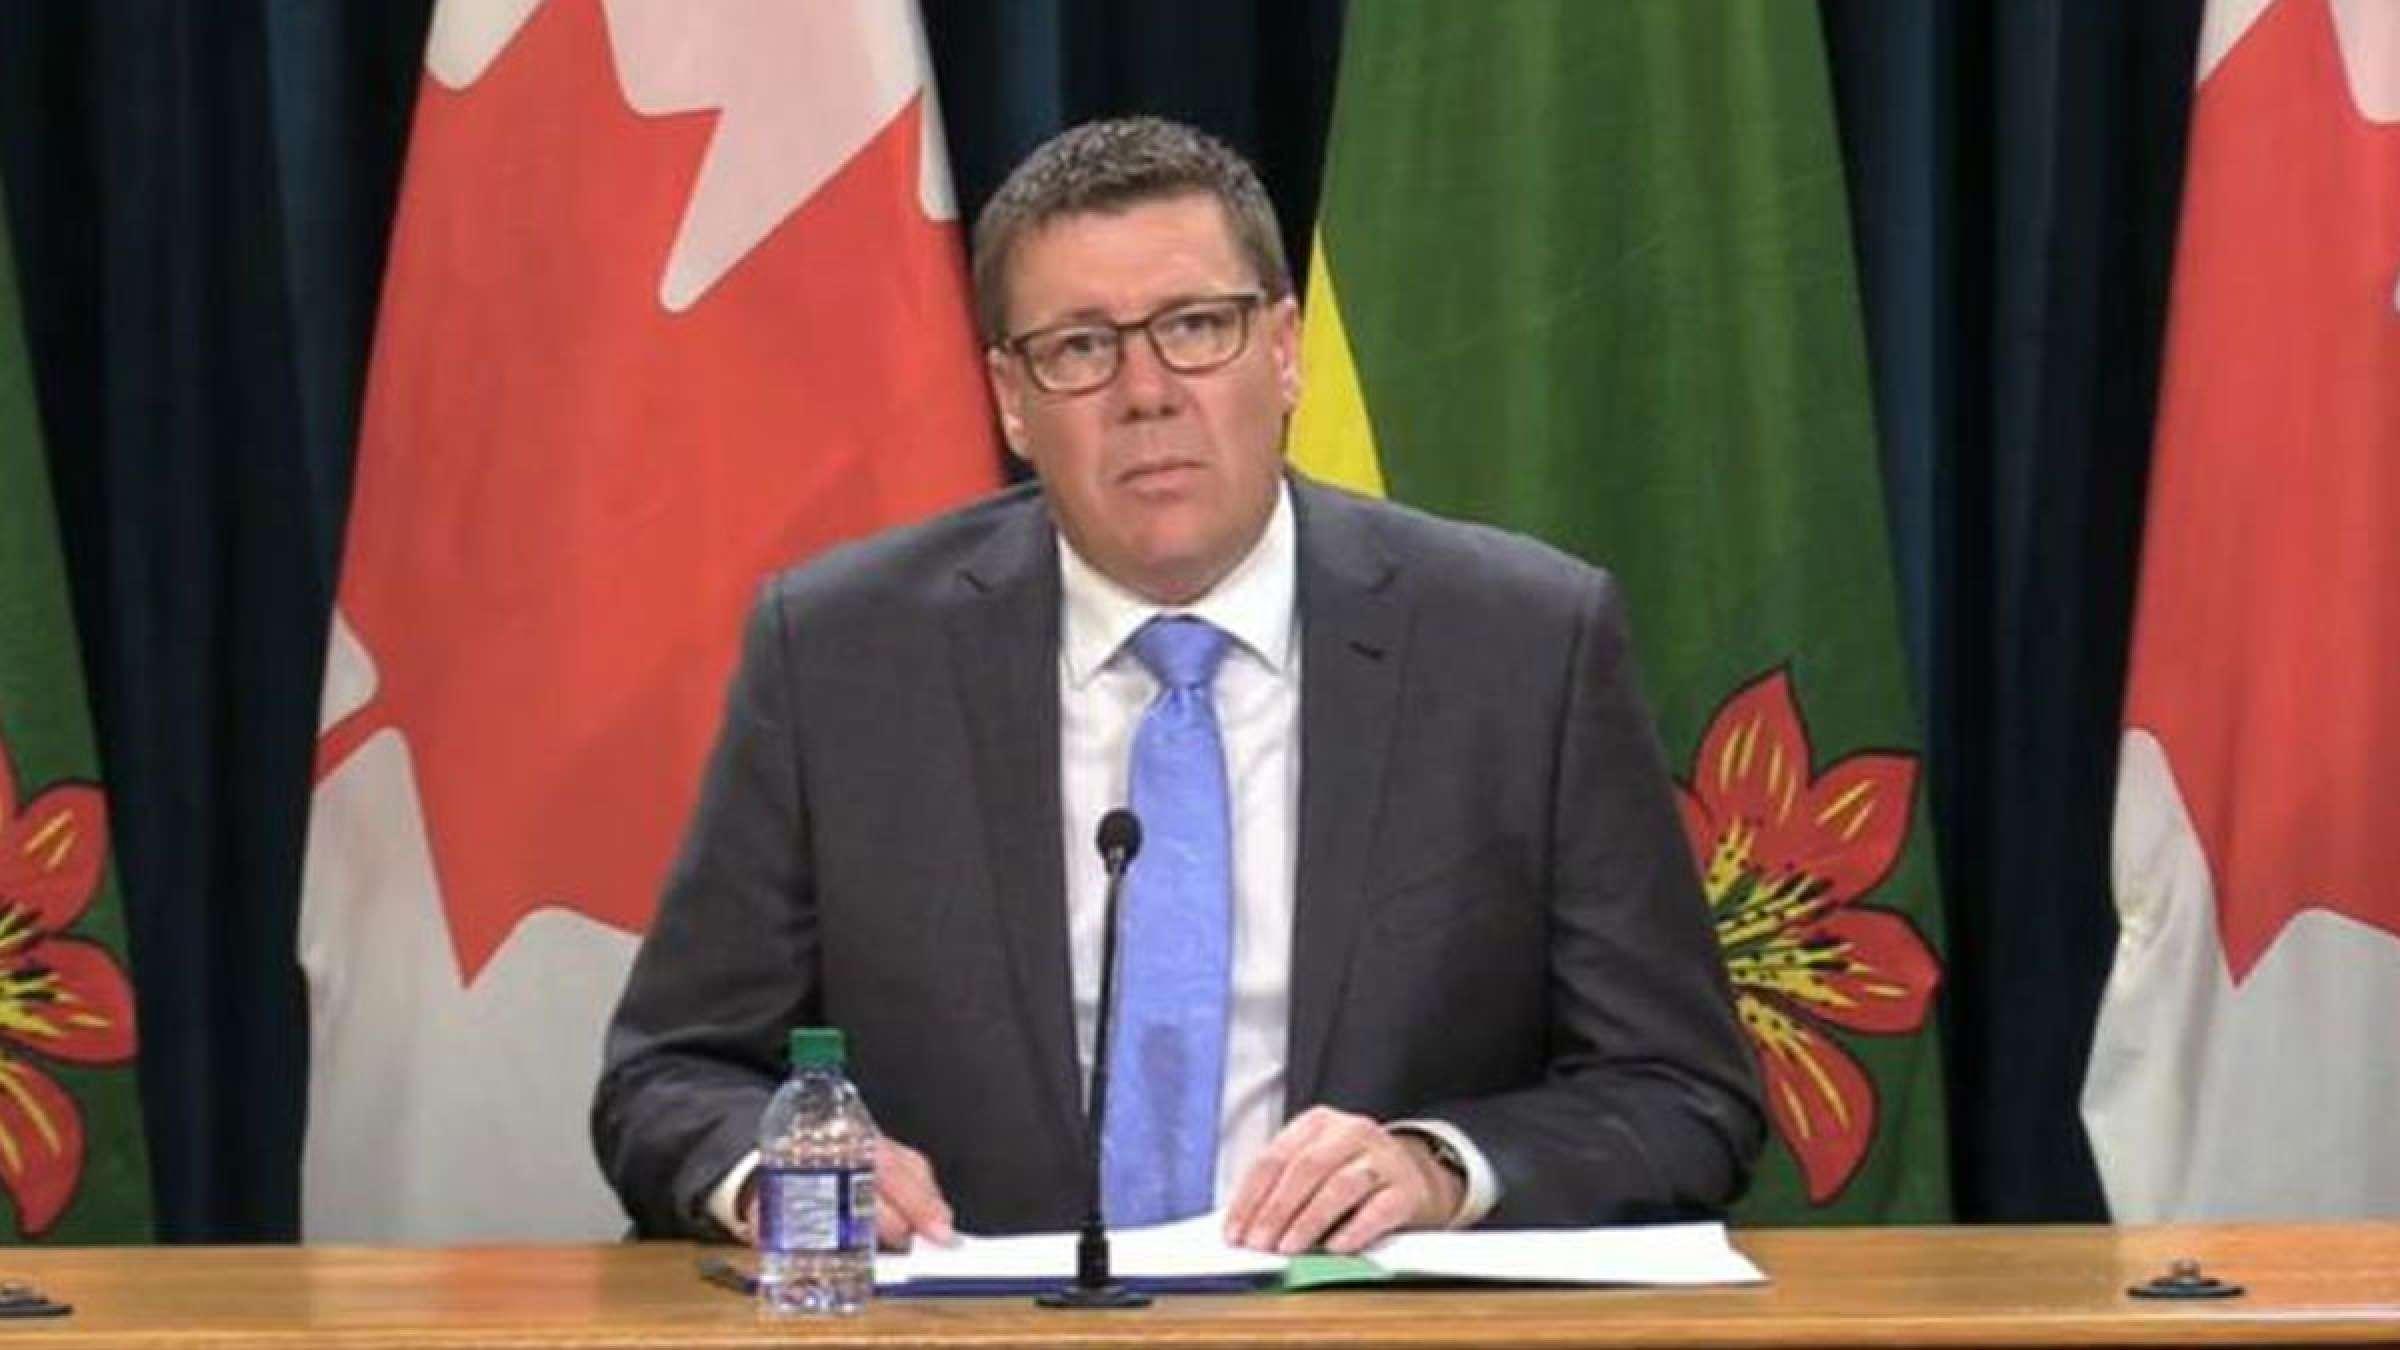 خبر-کانادا-بحران-کرونا-ساسکاچوان-نخست-وزیر-ماسک-اجباری-پاسپورت-واکسیناسیون-عذرخواهی-نکرد